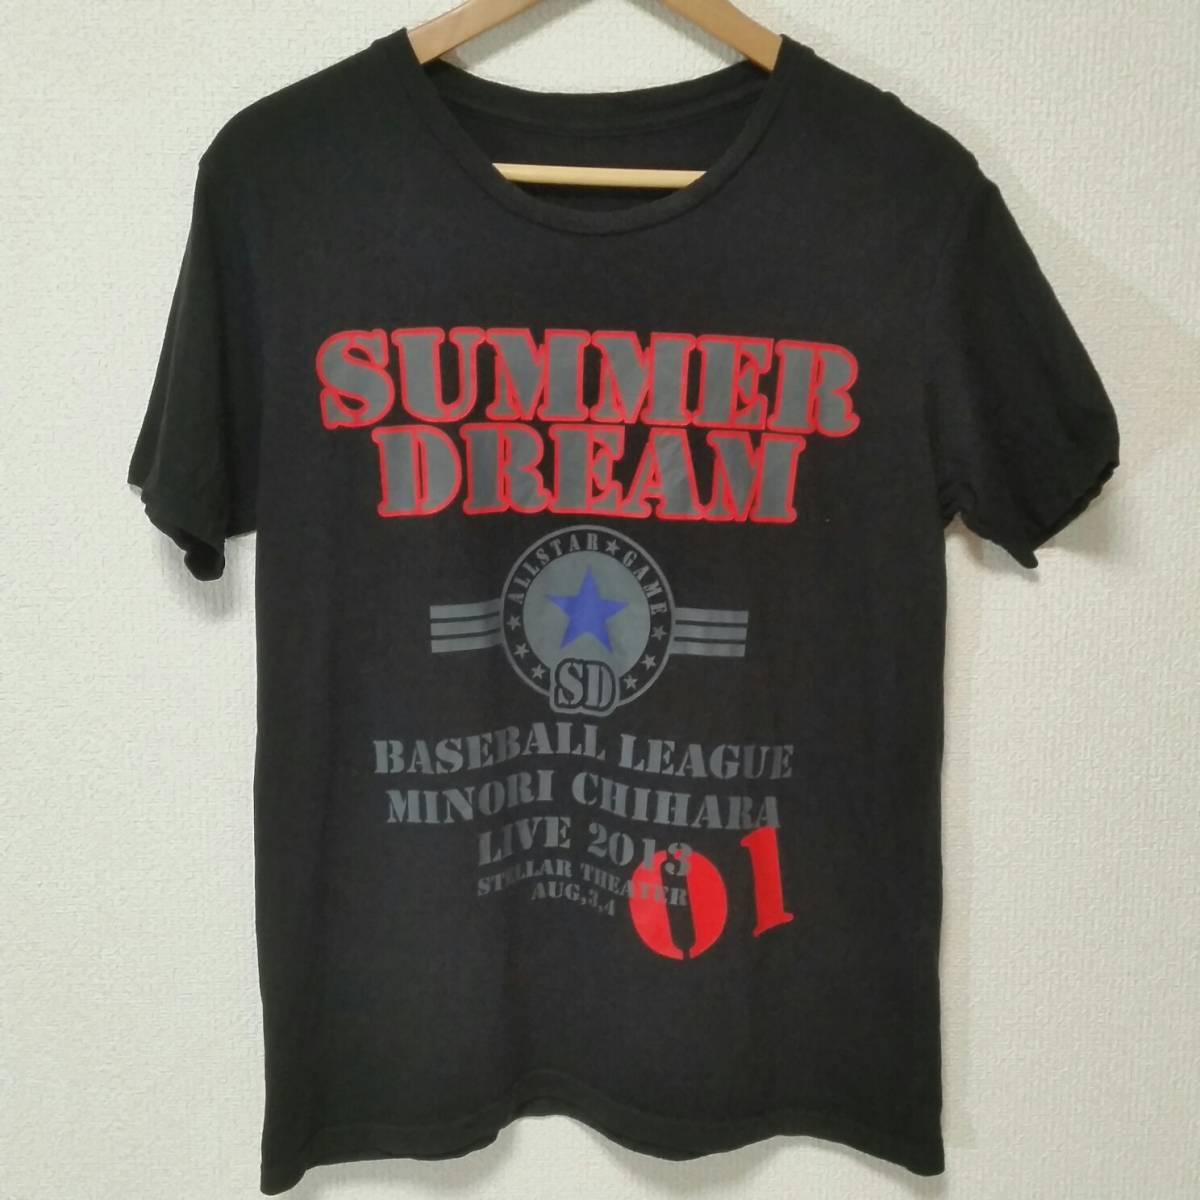 茅原 実里 SUMMER DREAM LIVE 2013 STAFF Tシャツ